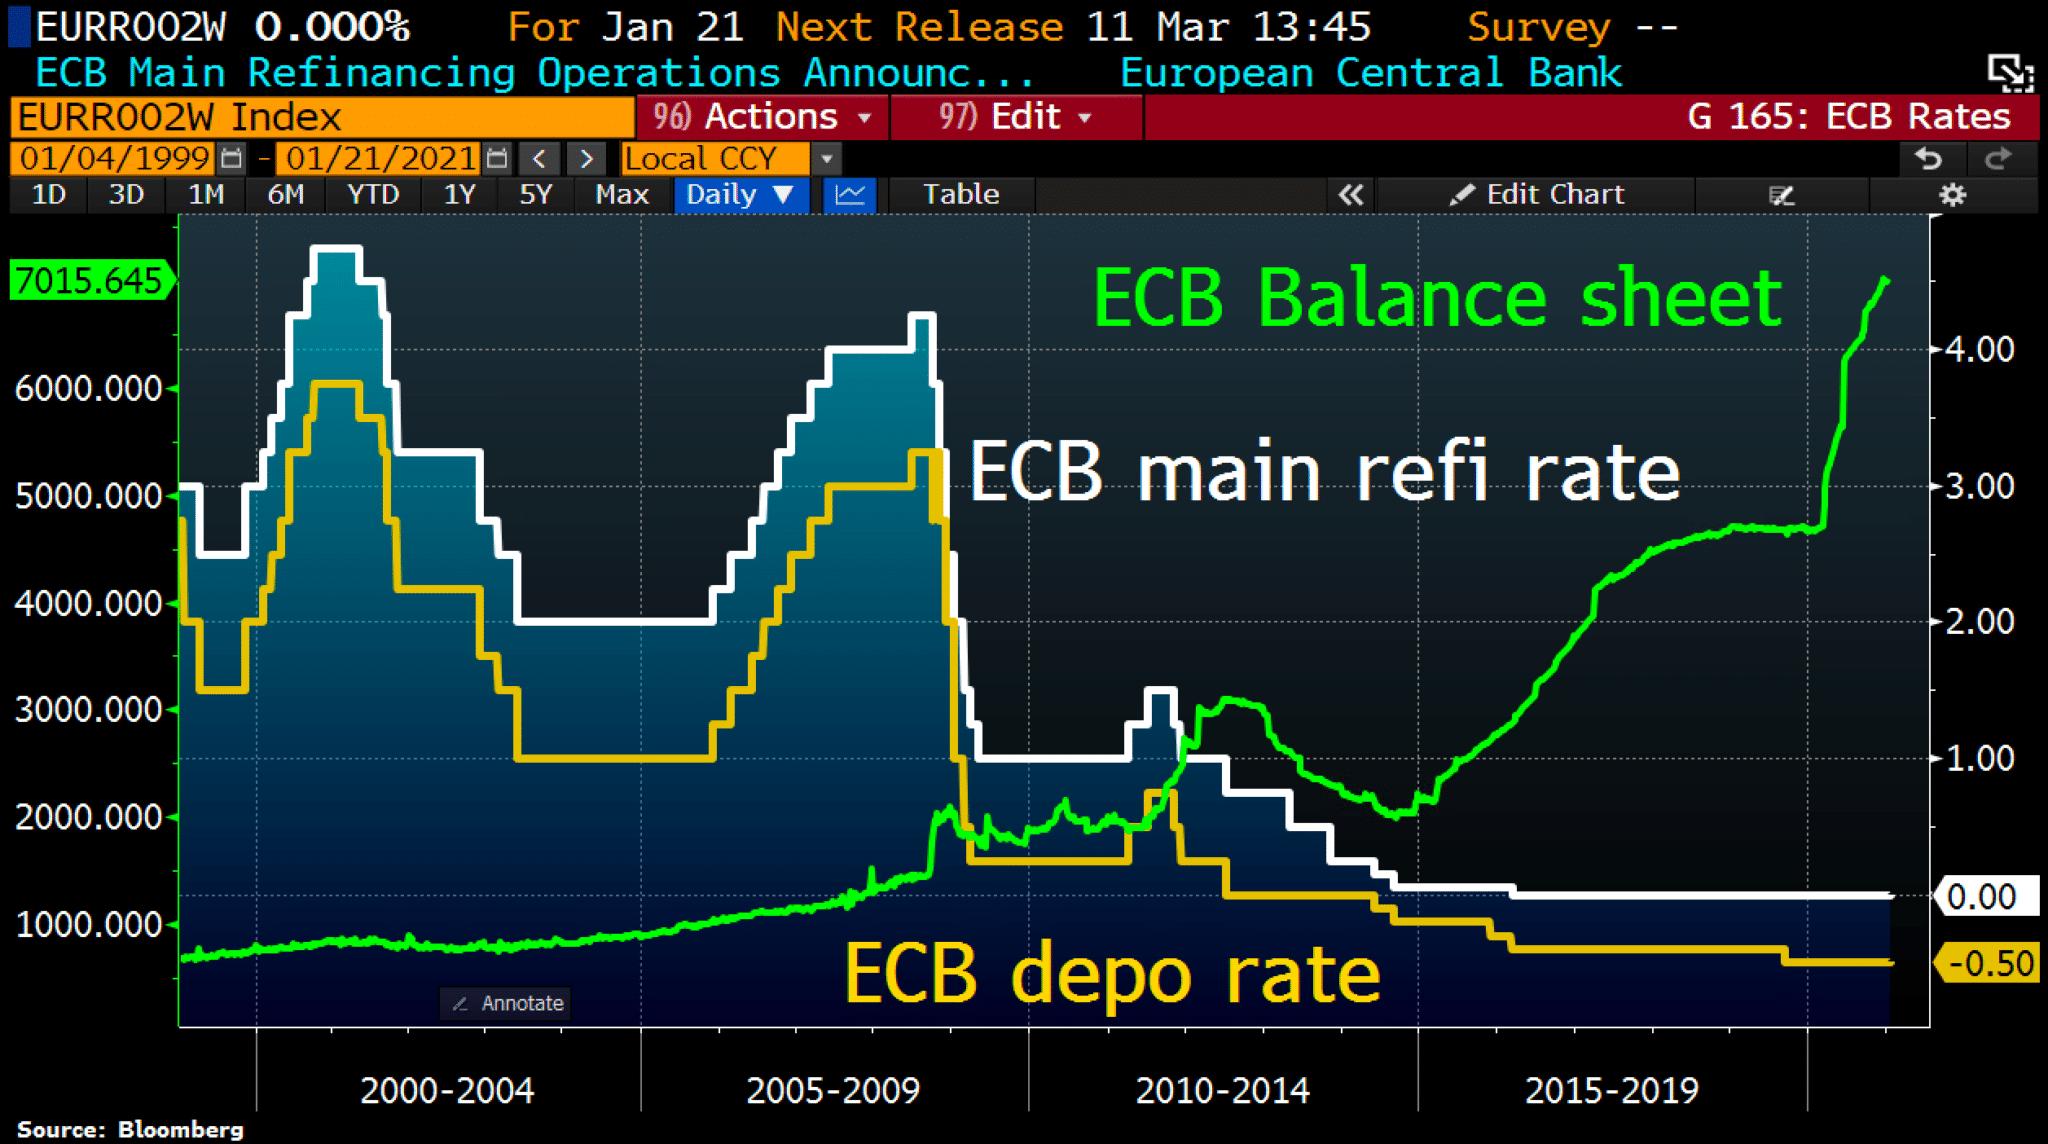 BCE main rates